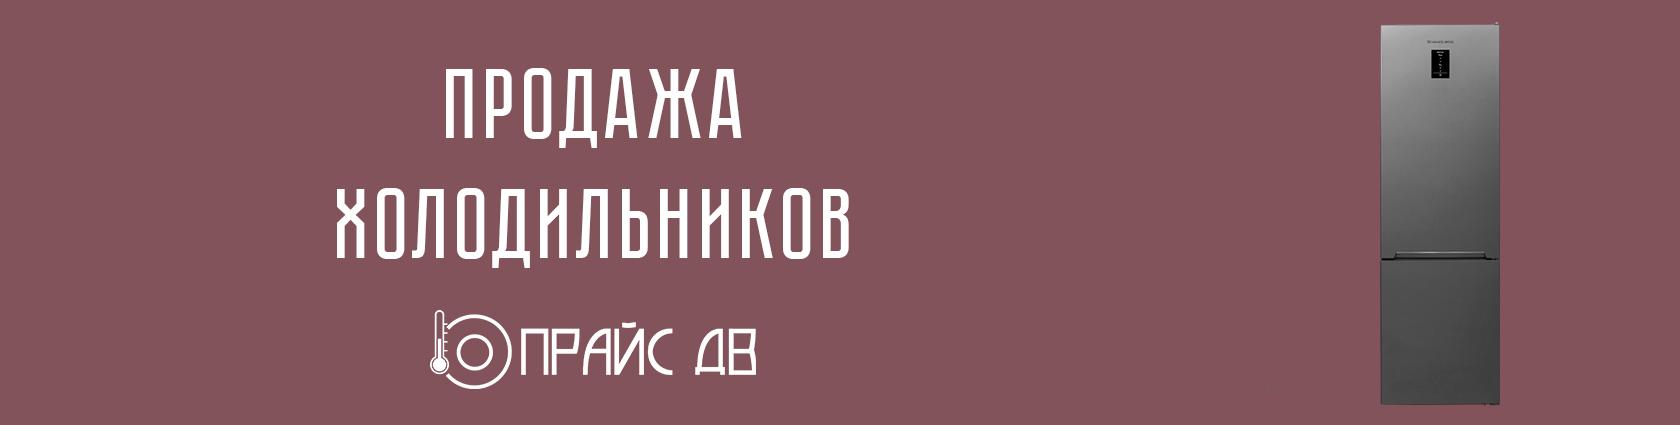 """Холодильники в интернет-магазине """"Прайс ДВ"""""""